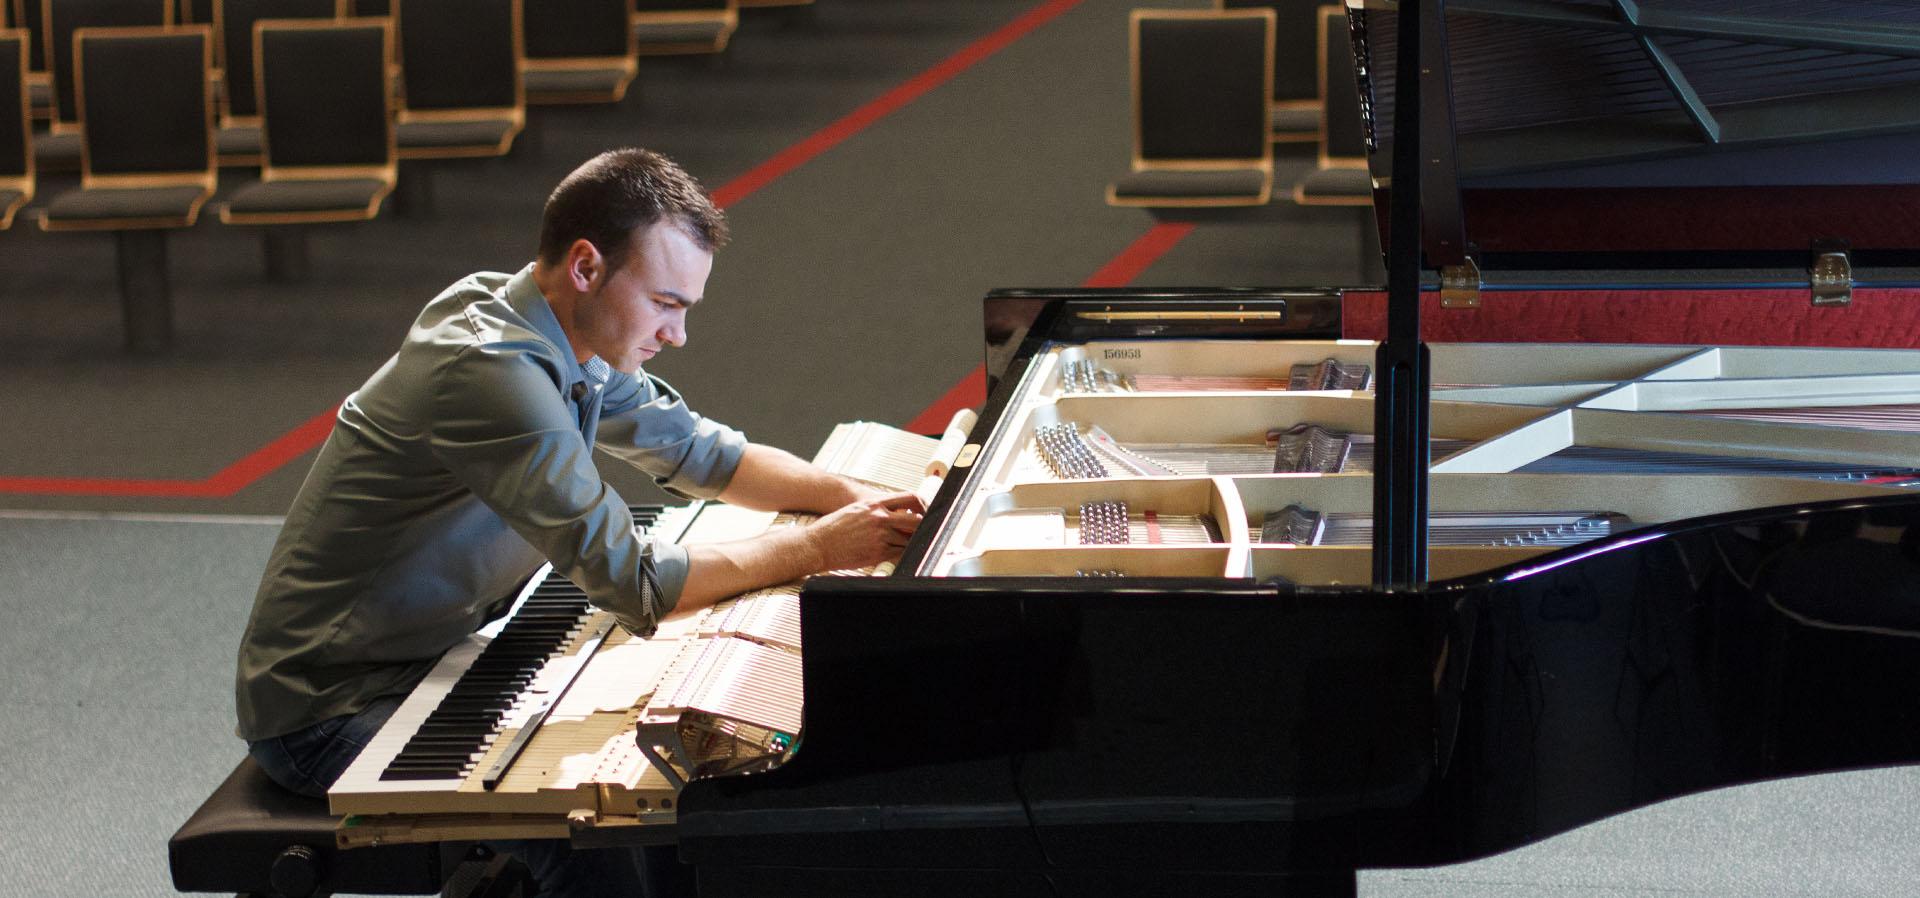 pianorahn-eindruck-6